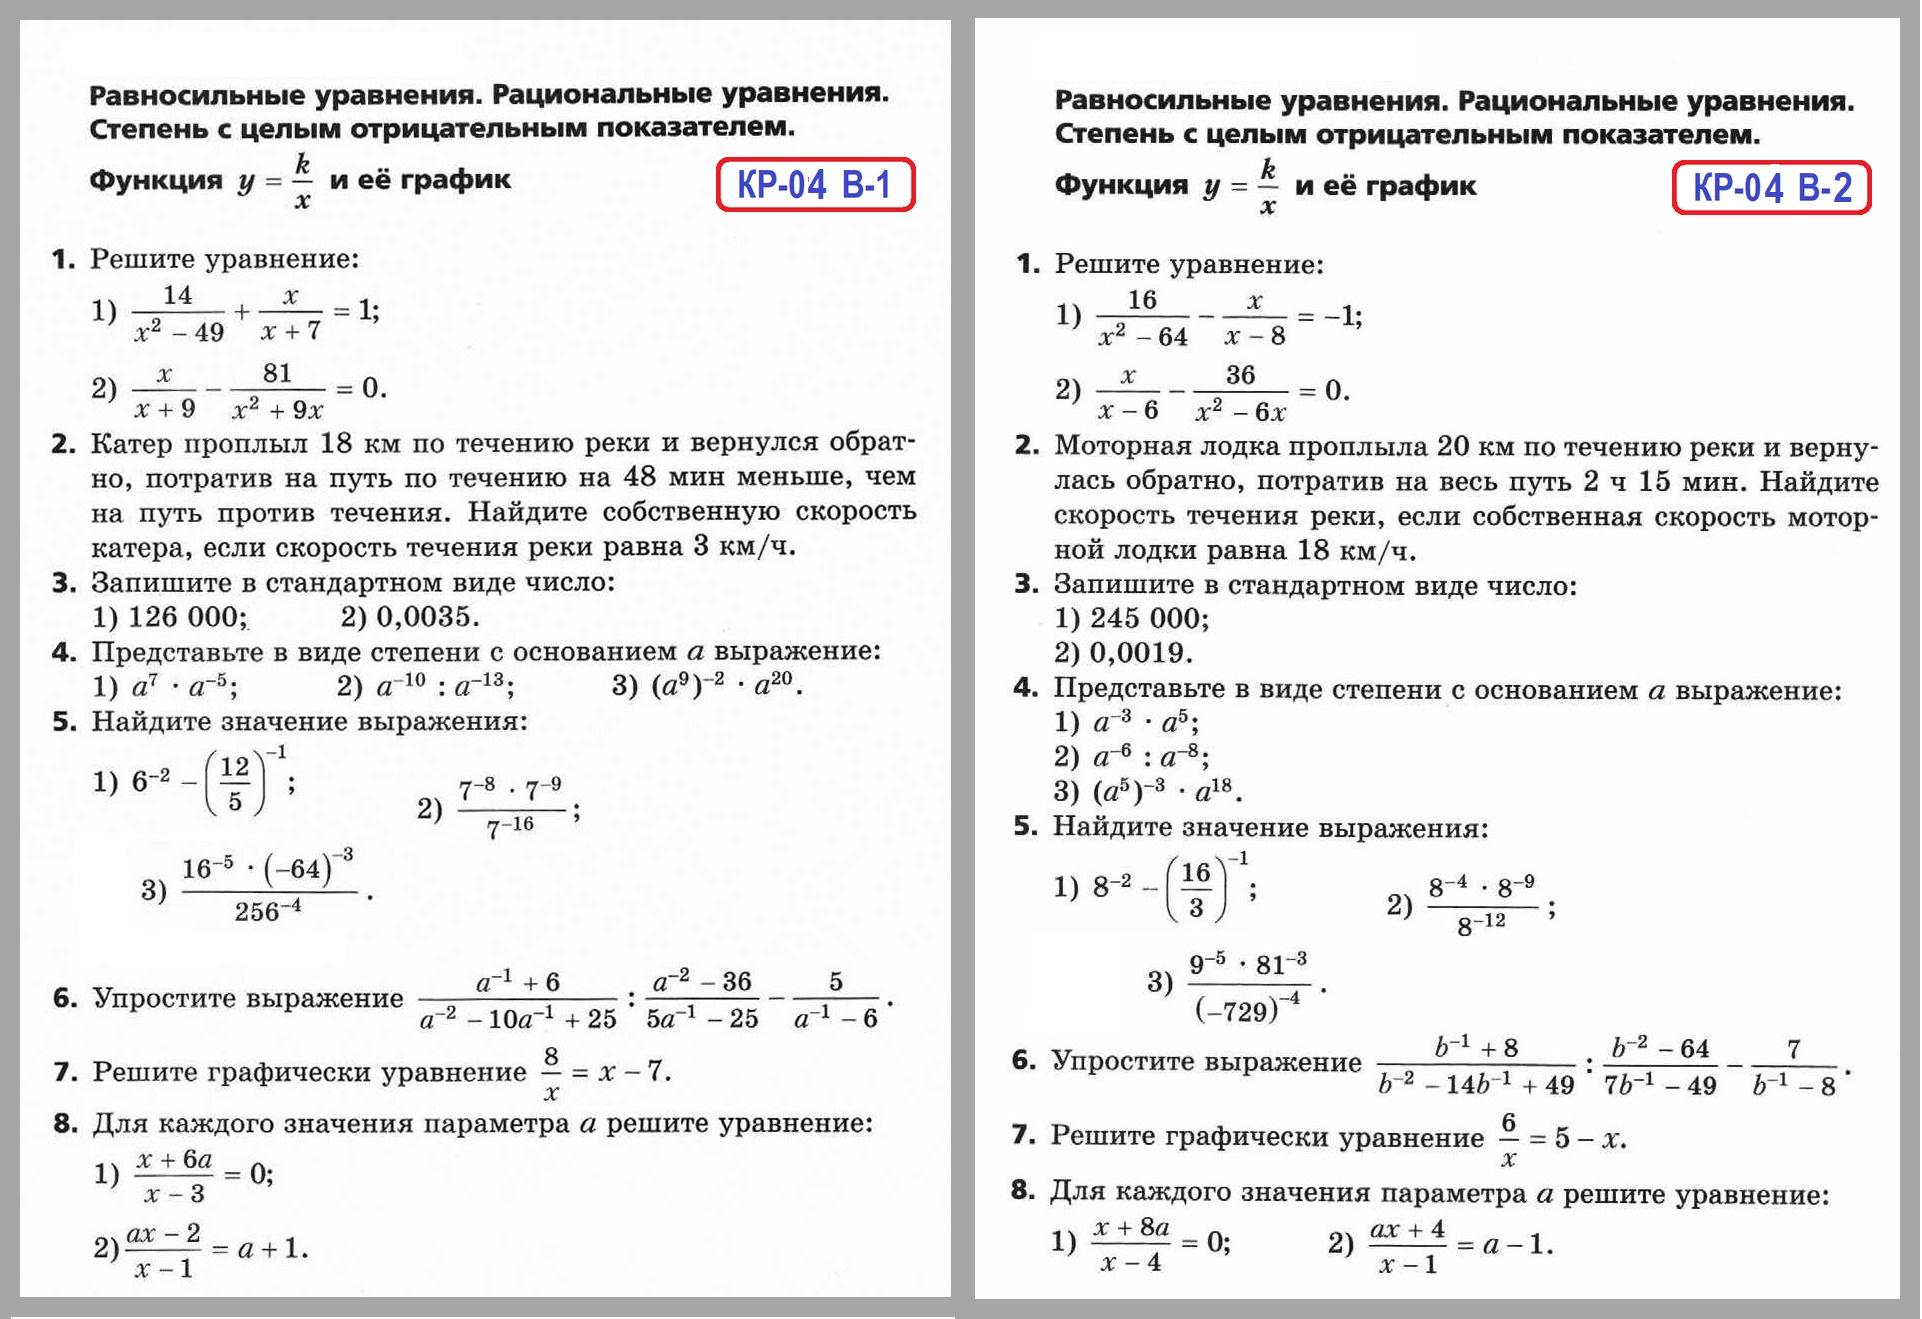 Самостоятельная работа 8 класс рациональные уравнения как математические модели lorik видео веб модель